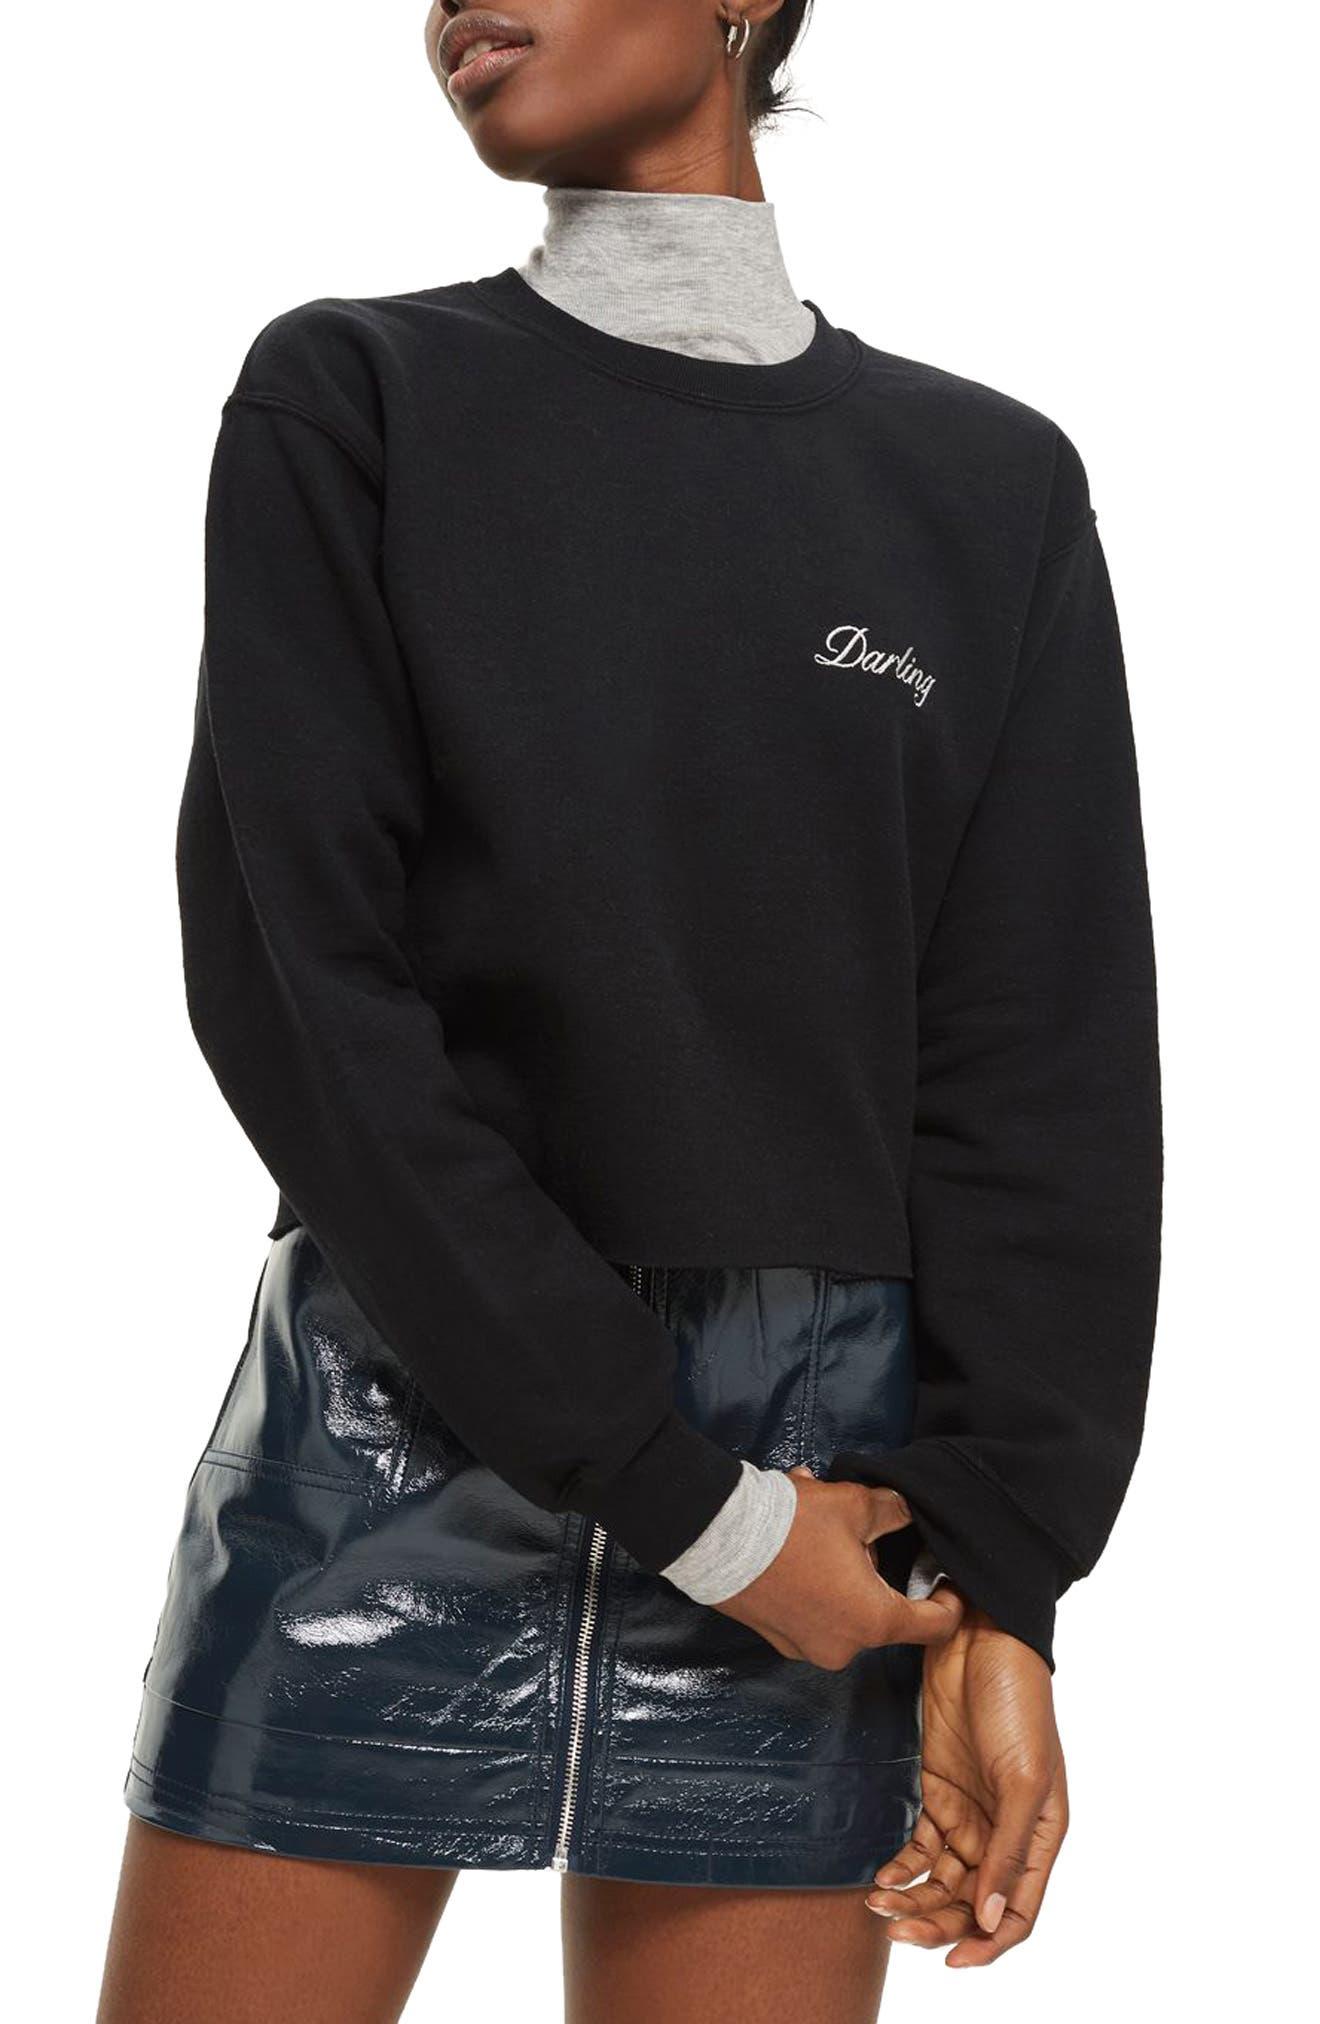 Darling Slogan Crop Sweatshirt,                         Main,                         color, 001